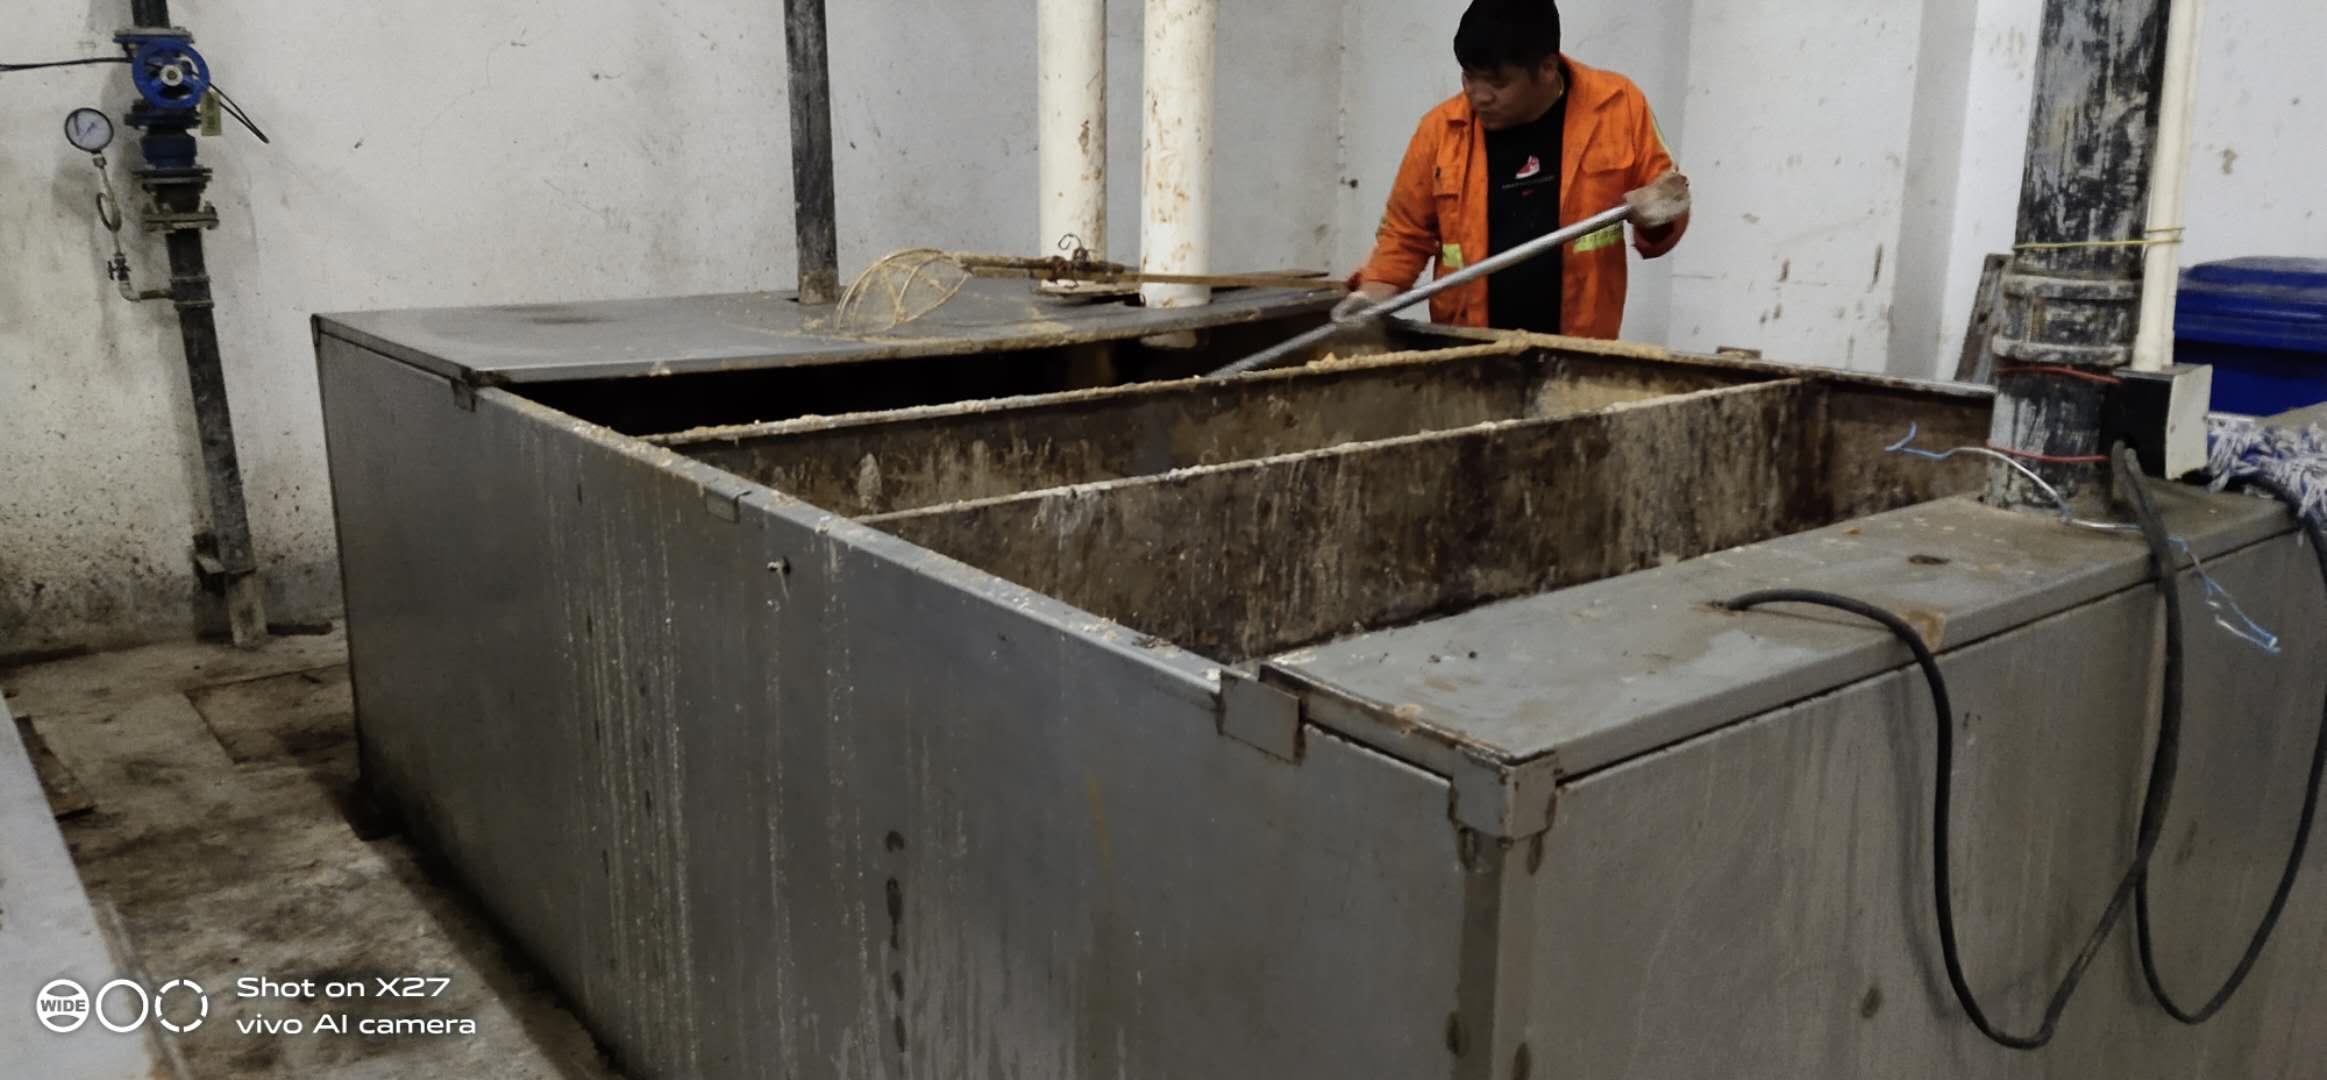 上海卢湾区清洗隔油池公司-上海隔油池清理